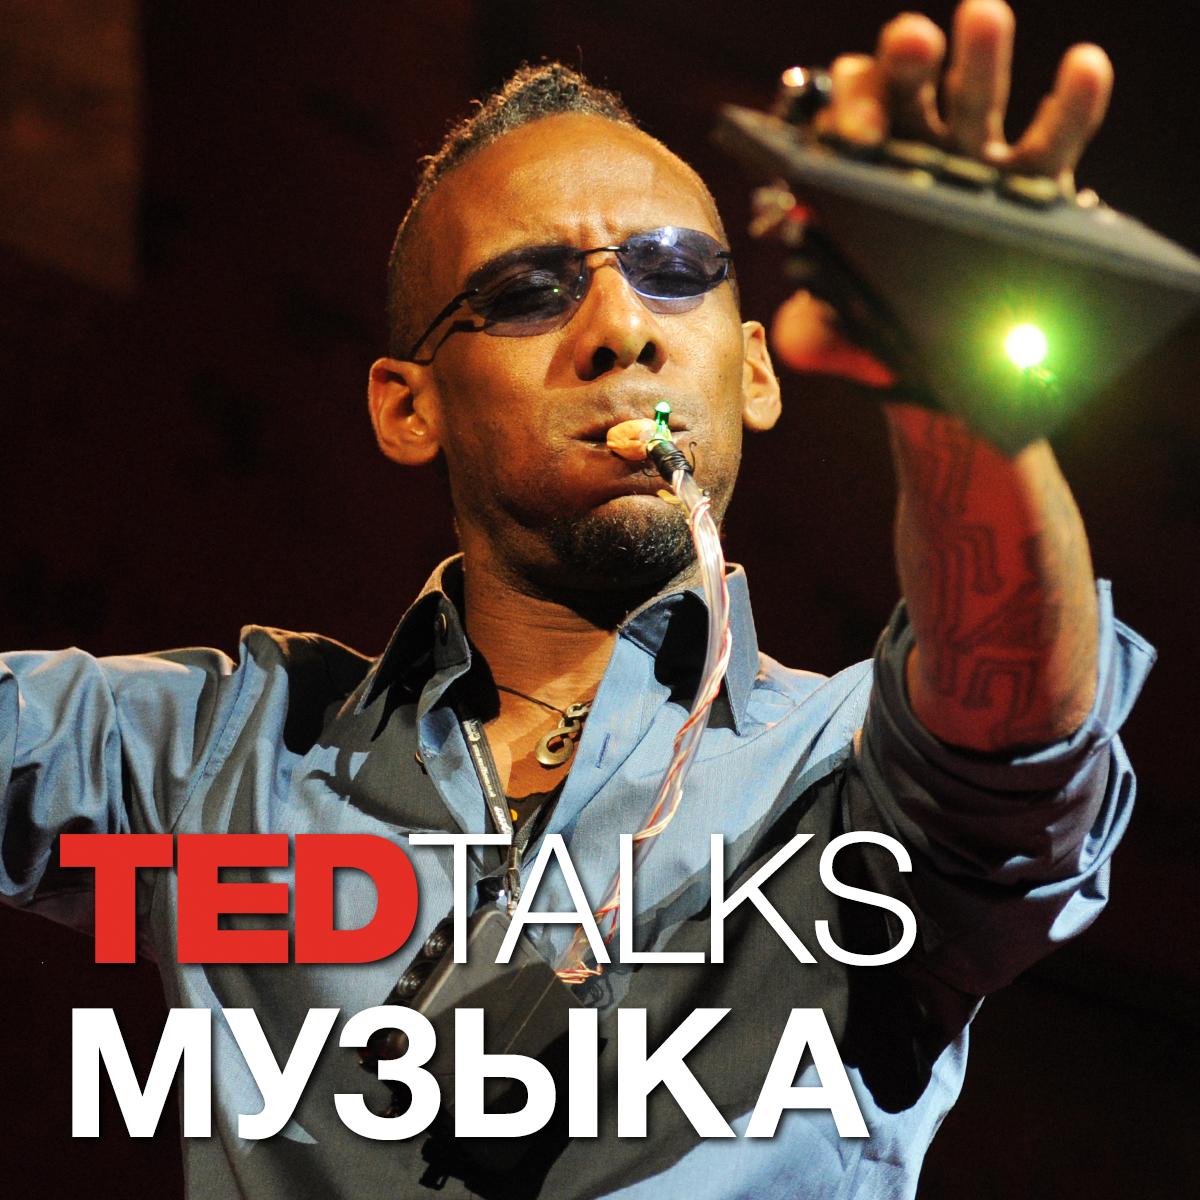 TEDTalks Музыка